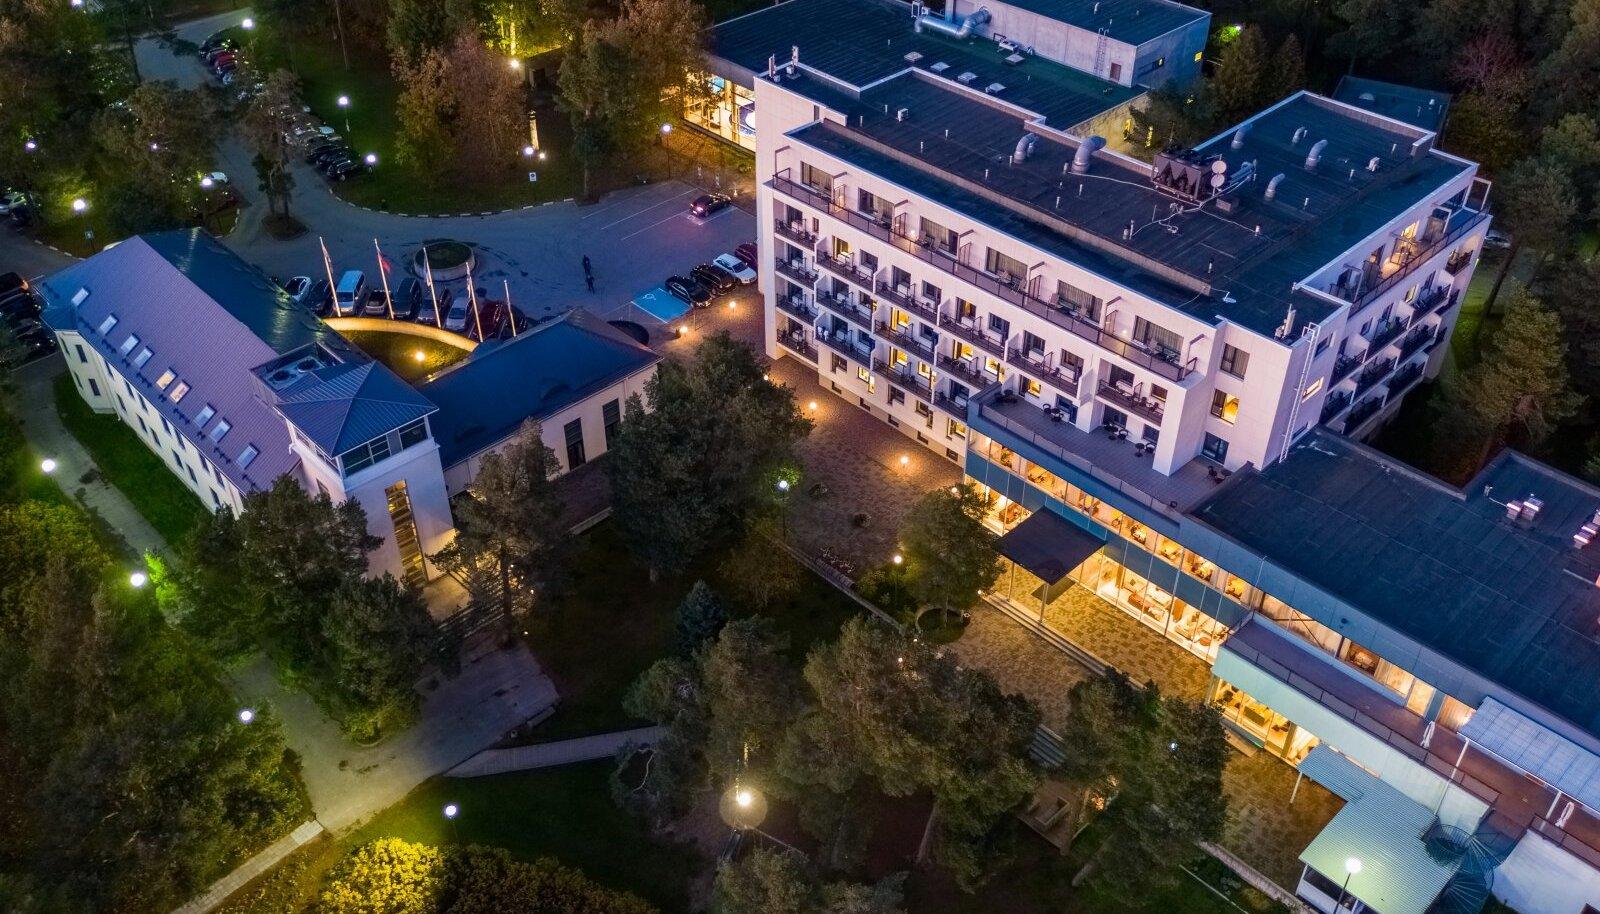 Hestia Hotel Laulasmaa pakub otse paremat hinda kui Booking.com-i vahendusel.